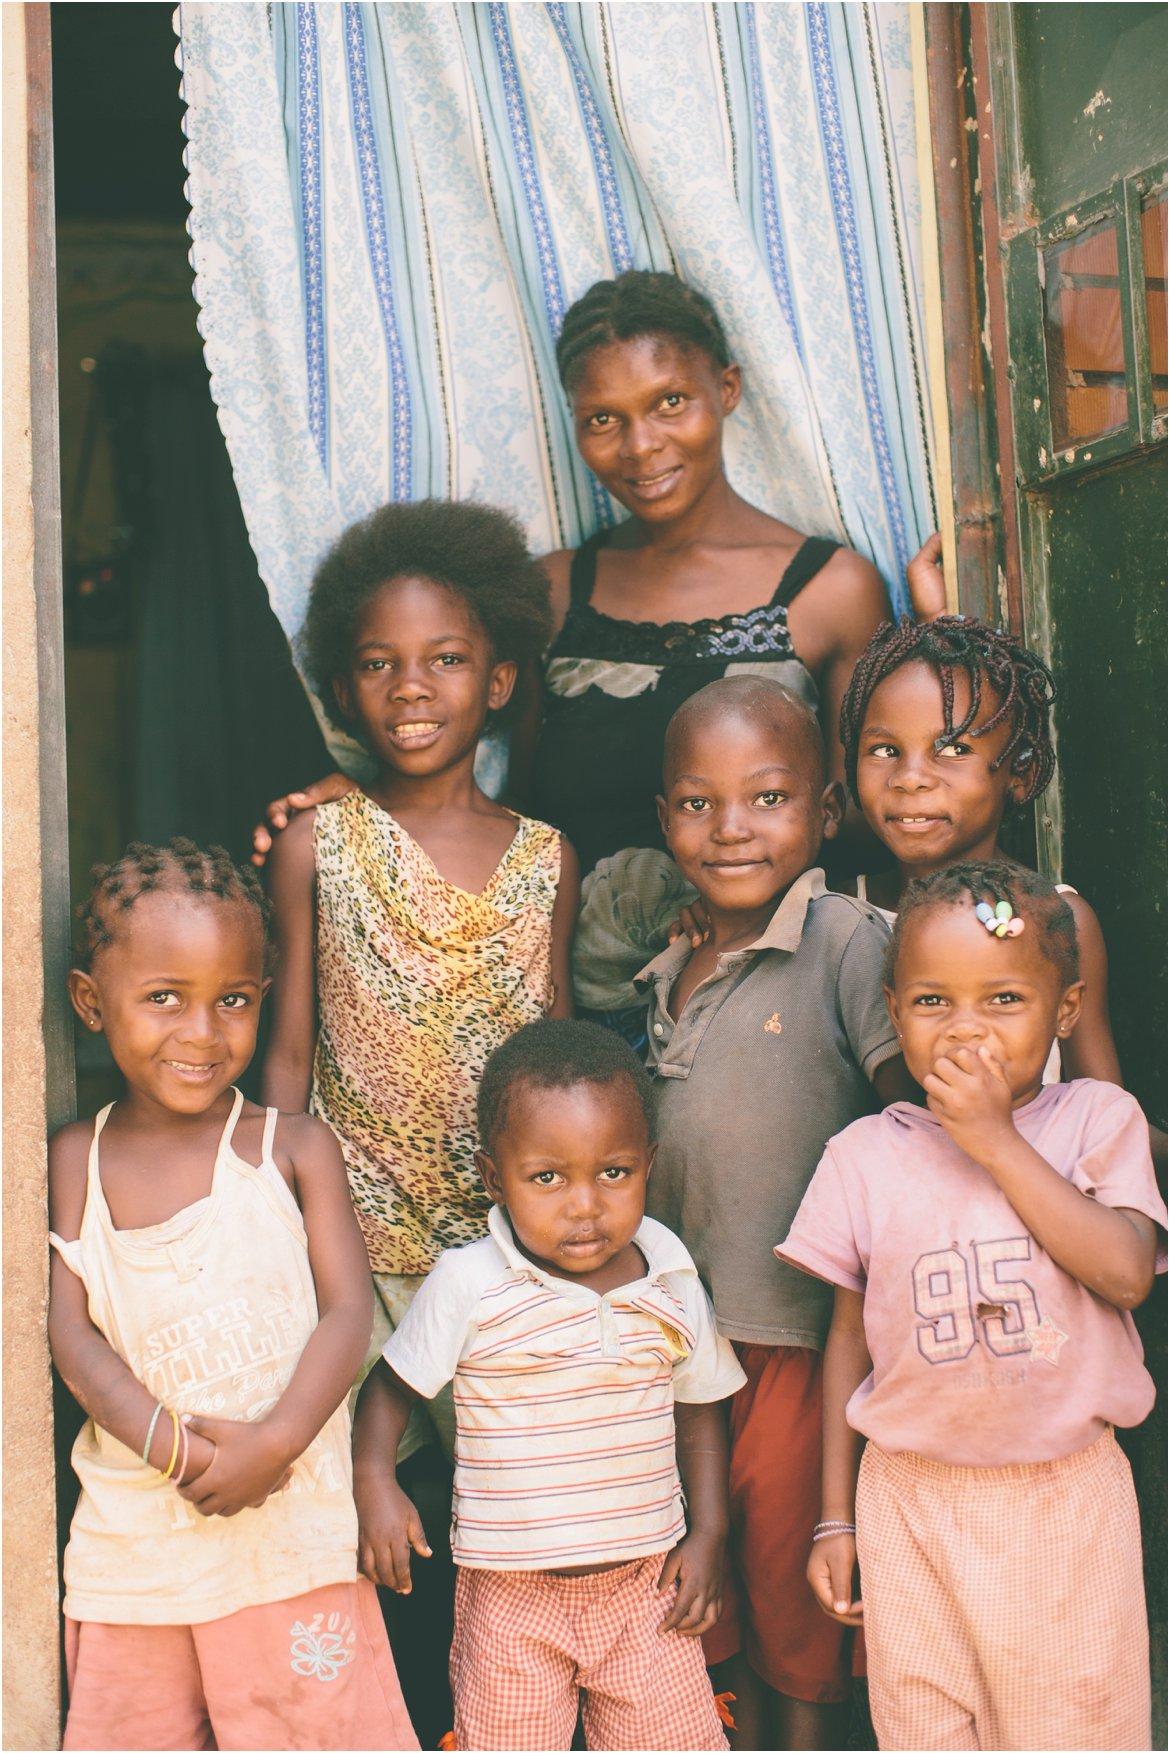 uganda_tearfund_humanitarian_0014.jpg